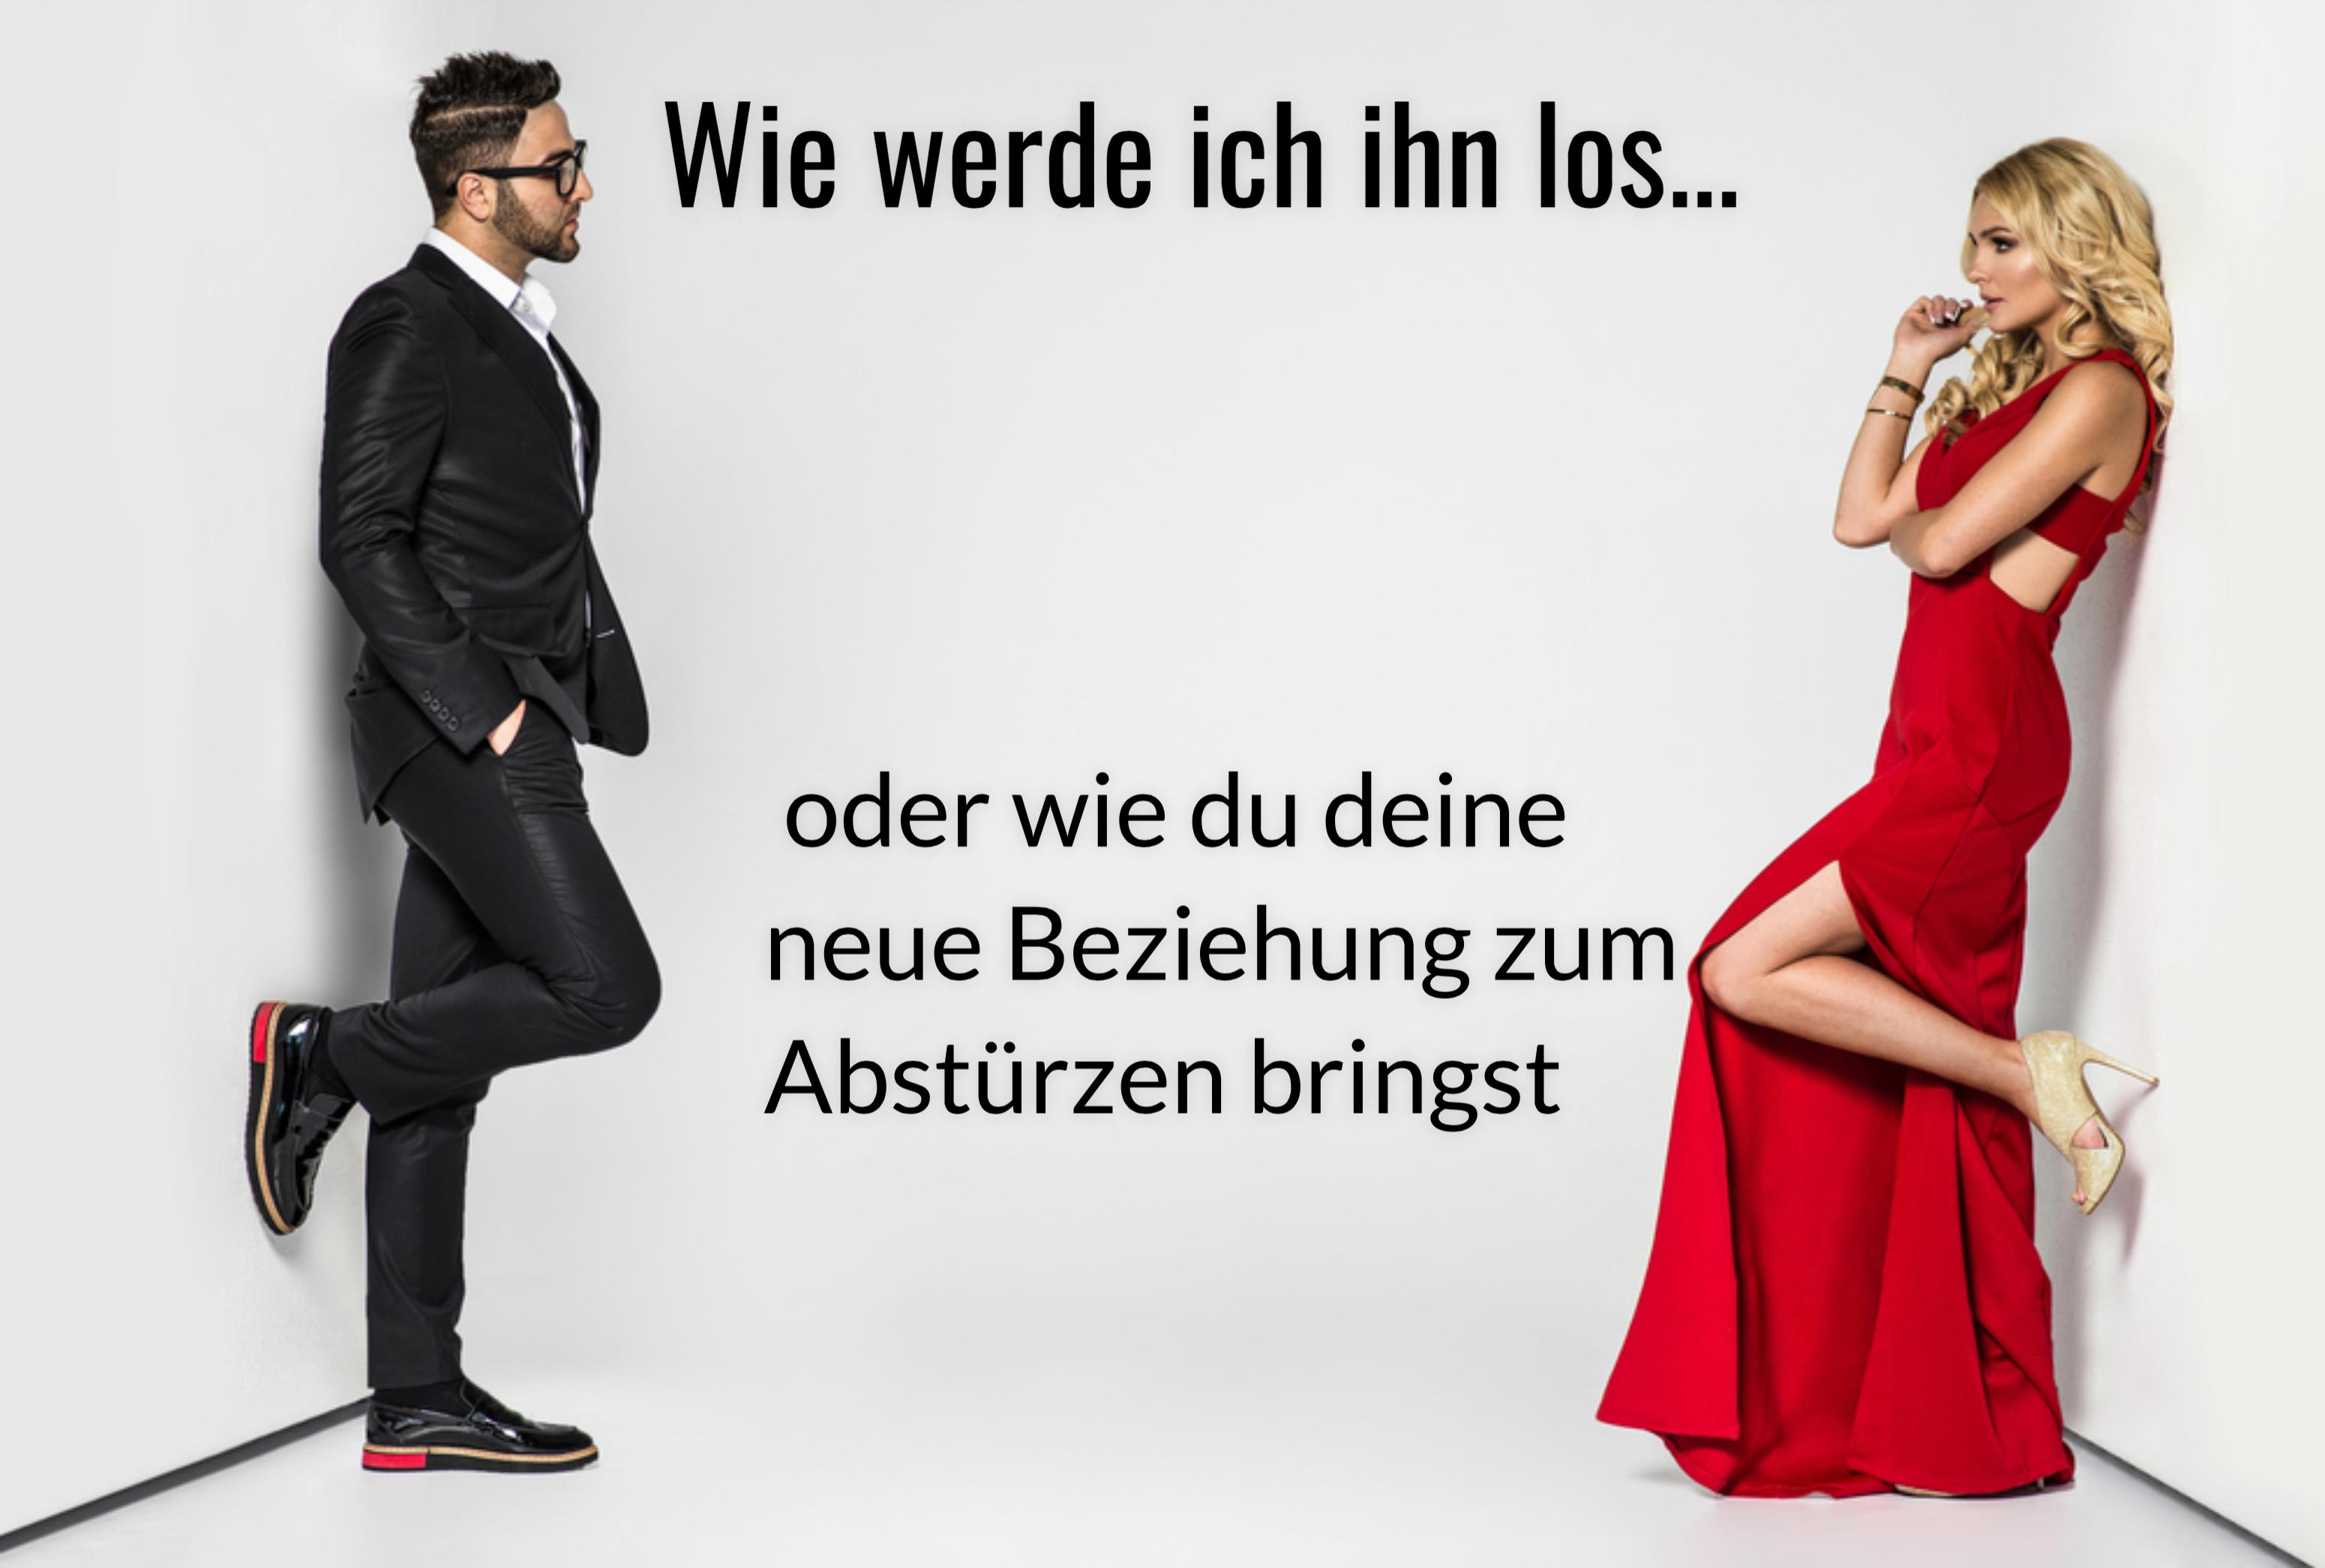 idea)))) fragen bekanntschaft topic think, that you